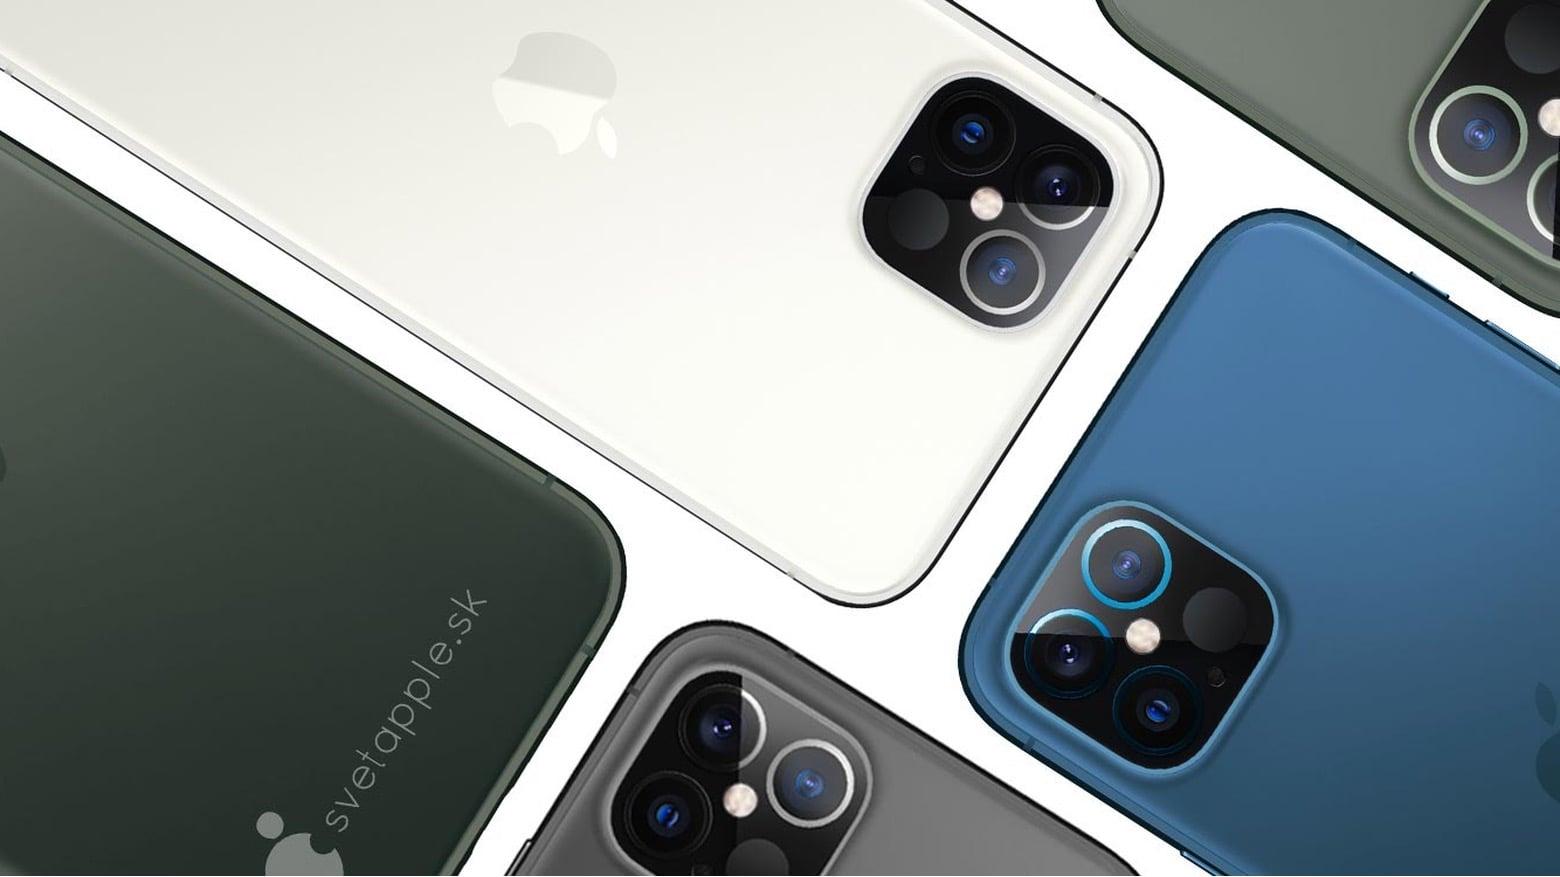 Kiszivárgott képen az iPhone 12 Pro LiDAR scannerrel